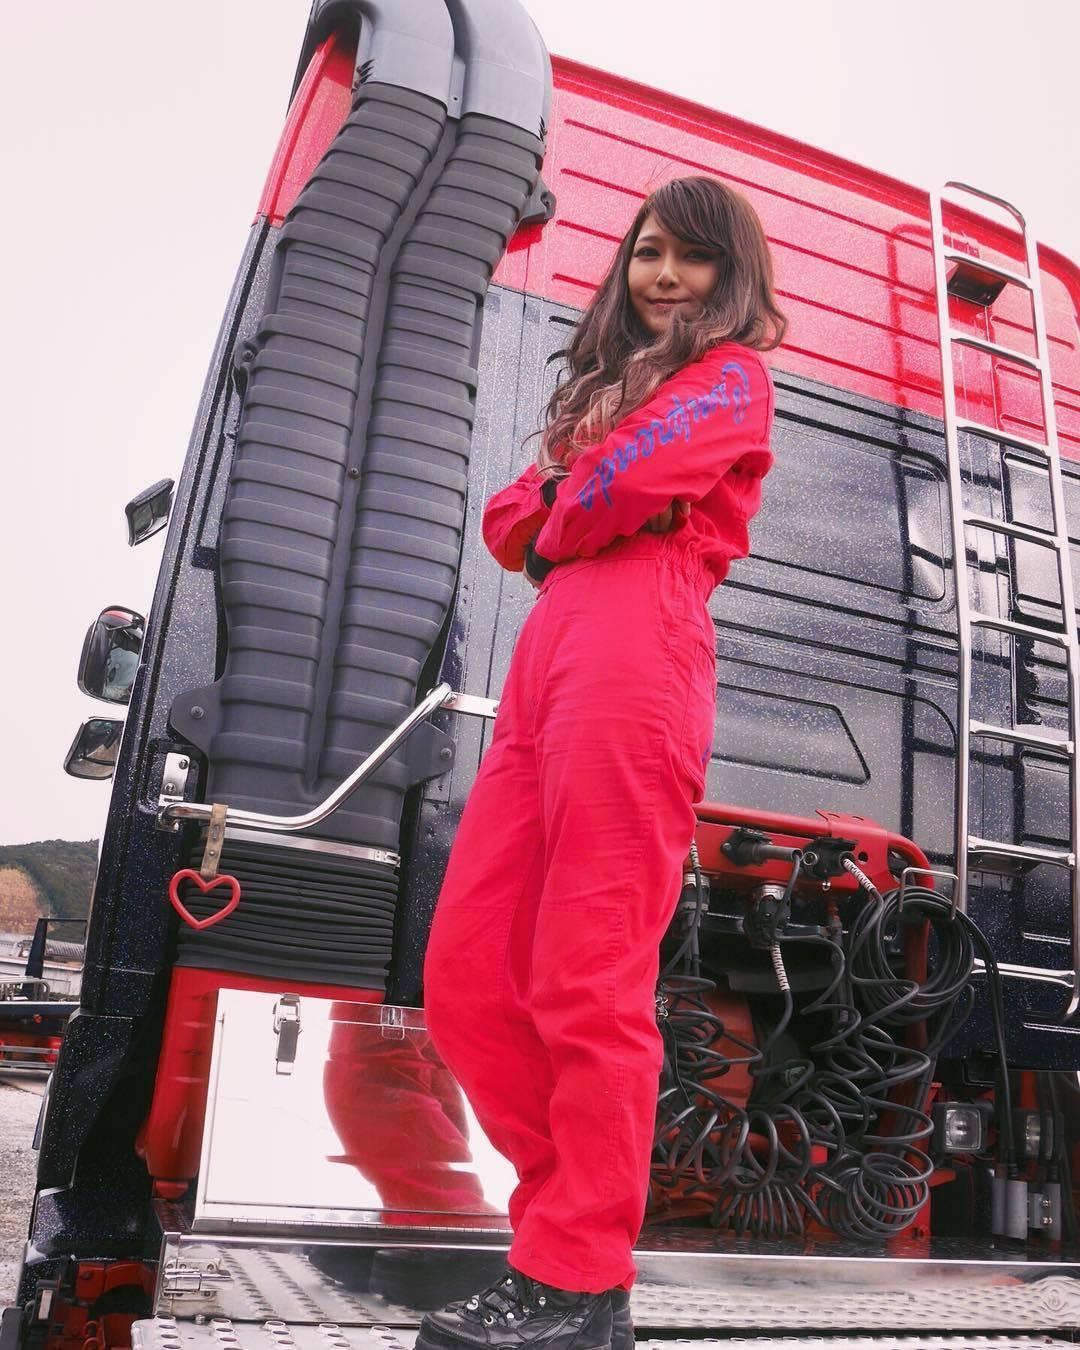 有够凶.「美女卡车司机」跑车小蛮腰身段太性感 养眼图片 第8张